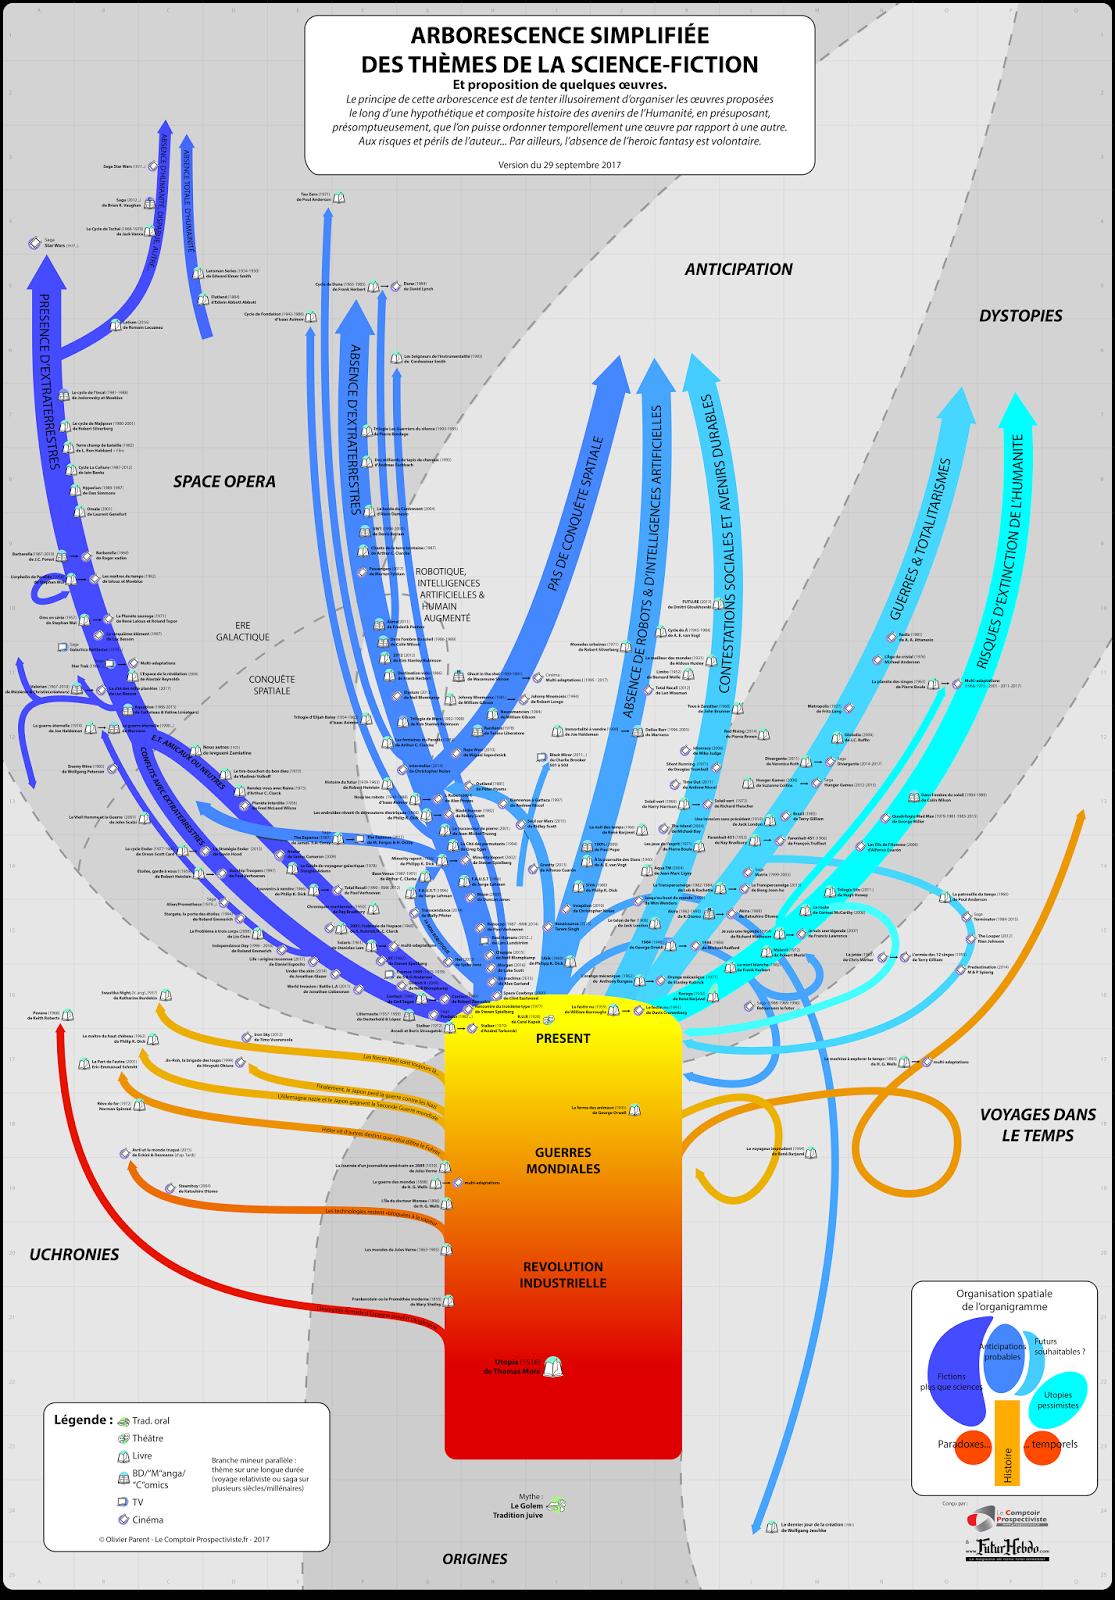 arborescence simplifiee des themes de la science fiction petite mj 060218 - Resume Roman Science Fiction